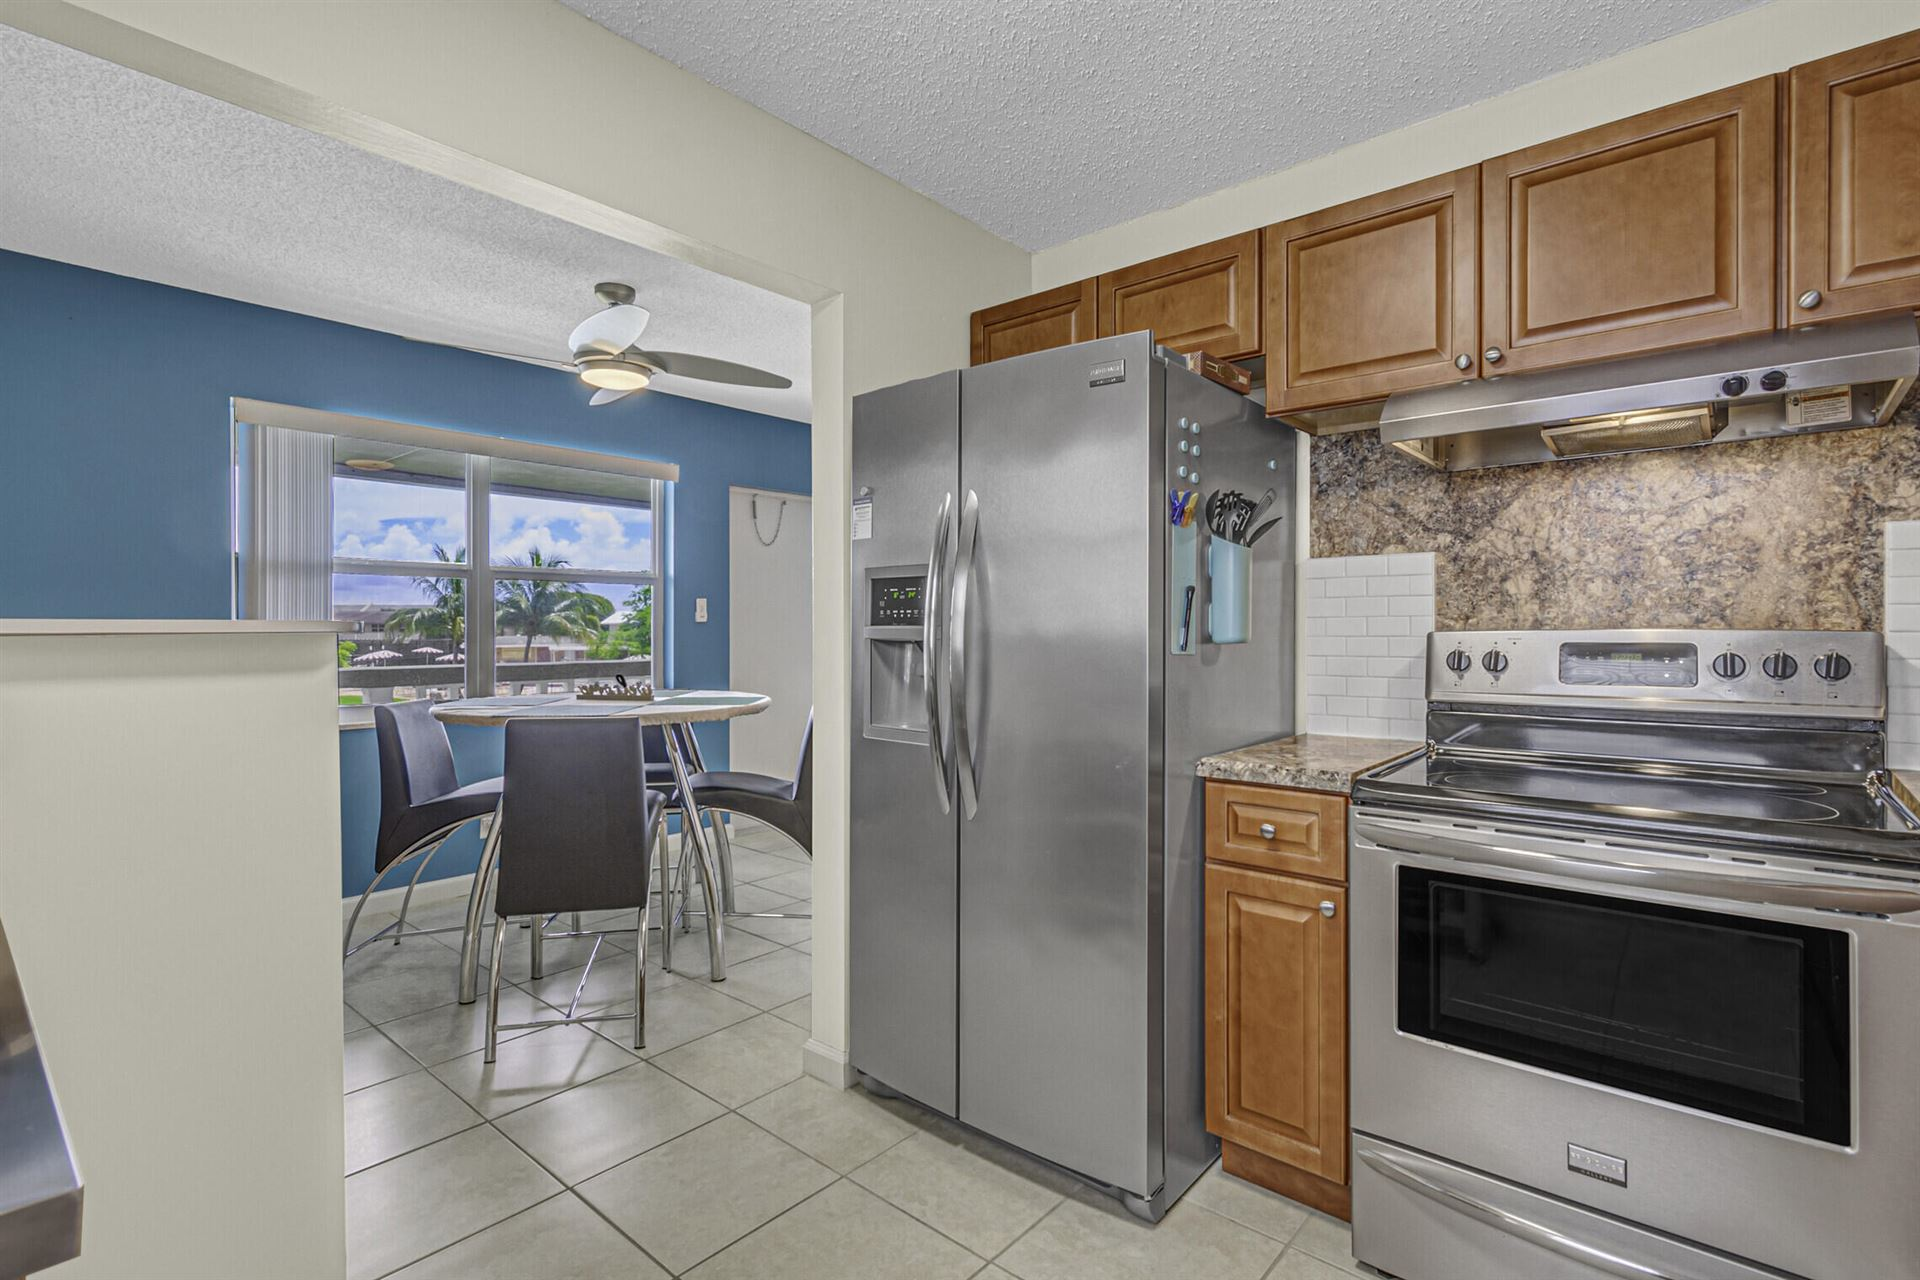 161 Somerset H                                                                               West Palm Beach                                                                      , FL - $149,000